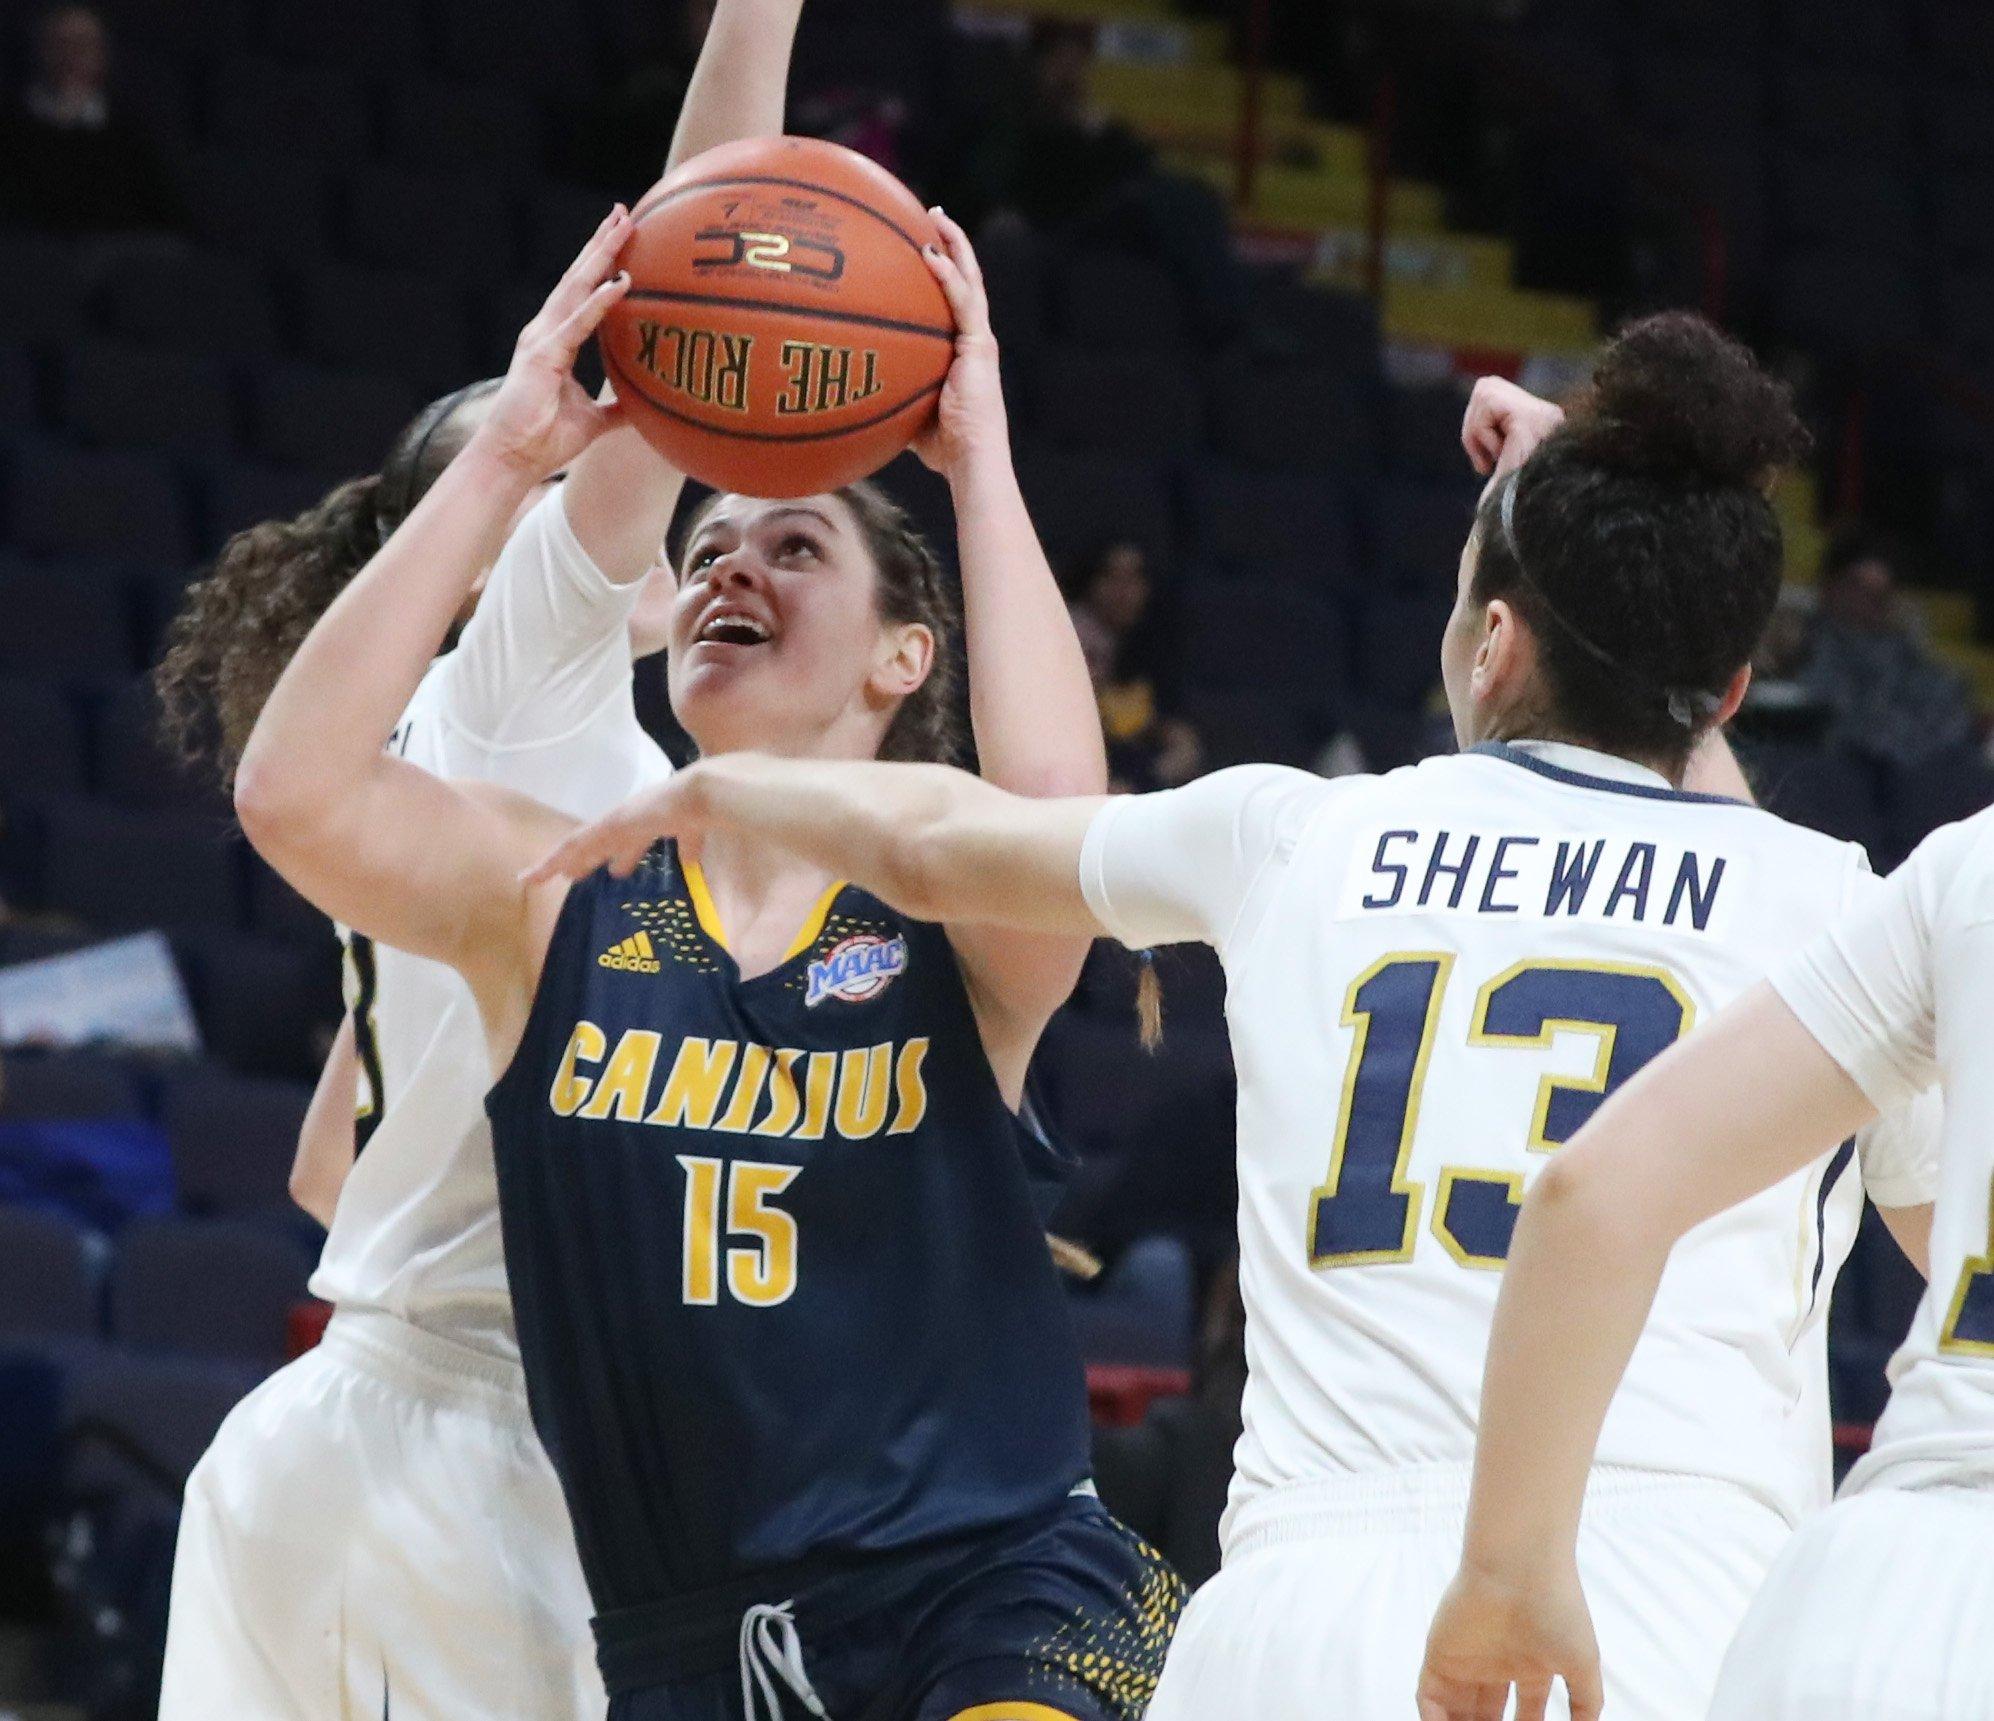 Canisius' Lauren D'Hont drives vs. Quinnipiac. (James P. McCoy/Buffalo News)